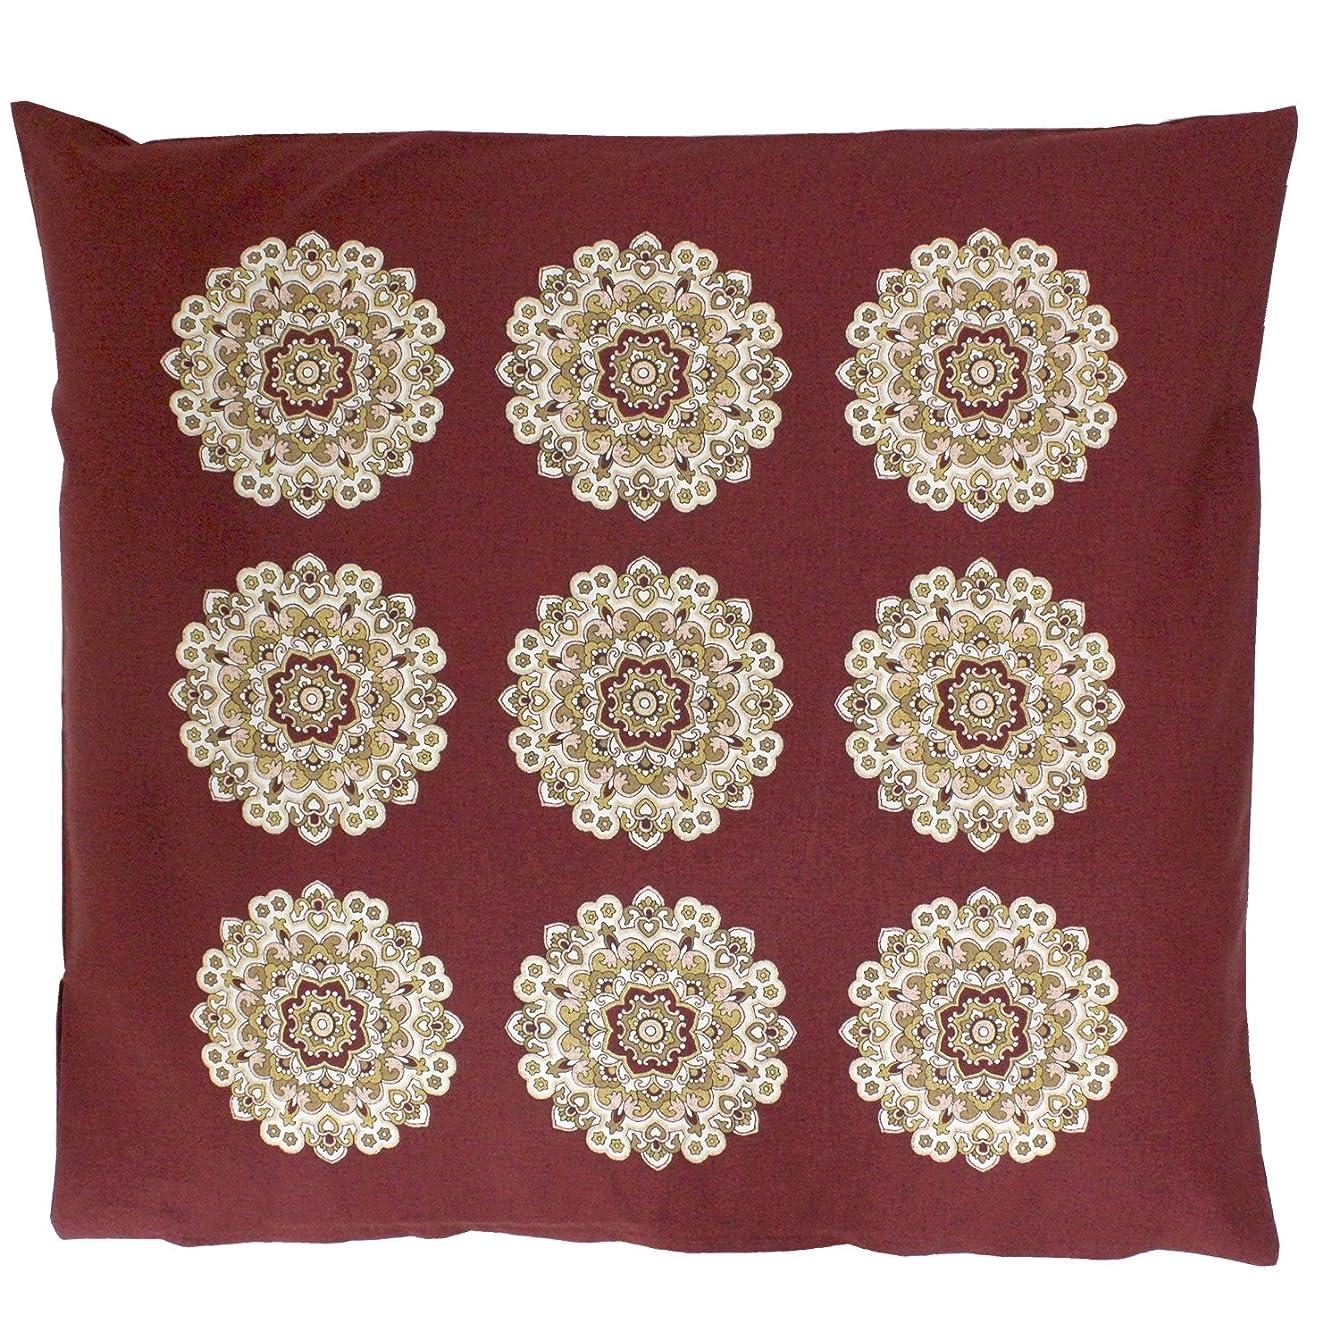 終わり定常生き残りますメリーナイト 日本製 木綿100% 座布団カバー 「雅紋」 八端判 59×63cm レッド Z59601-13